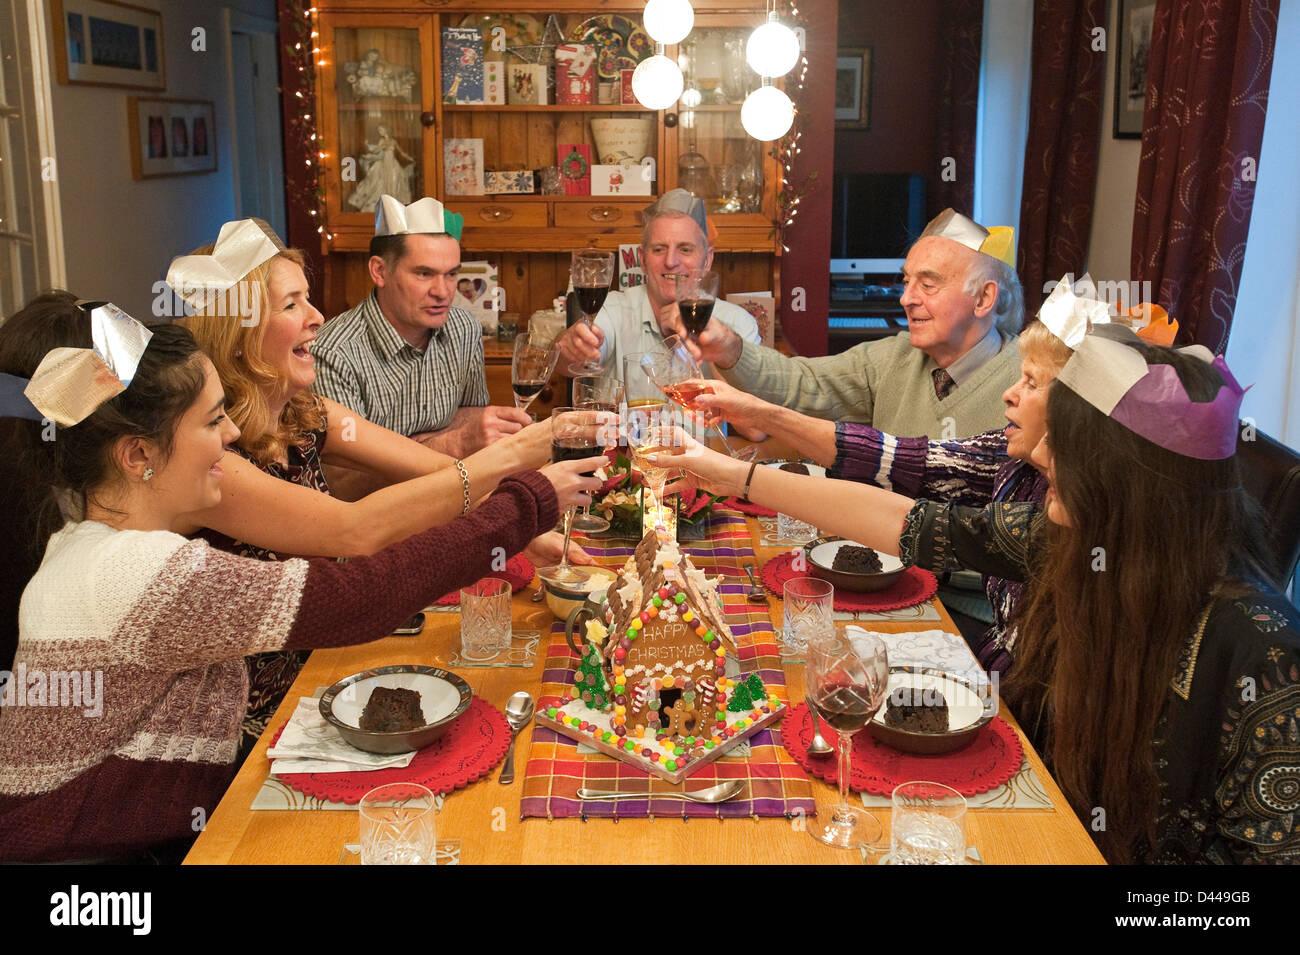 Ritratto orizzontale di tre generazioni di una famiglia godendo il pranzo di Natale insieme attorno al tavolo. Immagini Stock